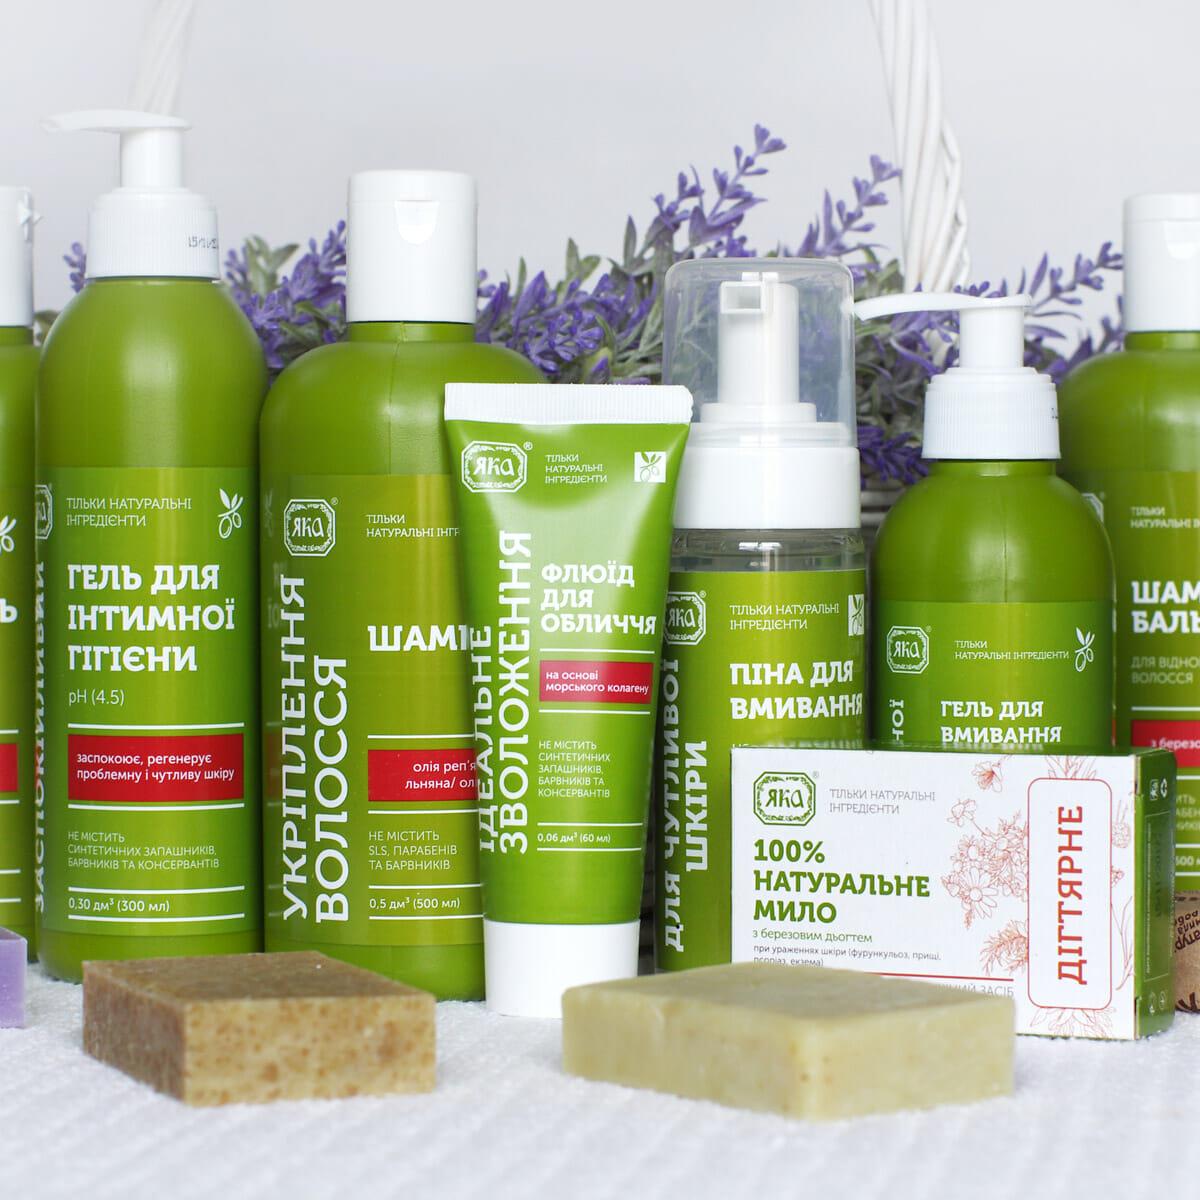 Зелена серія – унікальна лінія засобів для щоденного ретельного догляду за  шкірою обличчя c13de9c98cf80